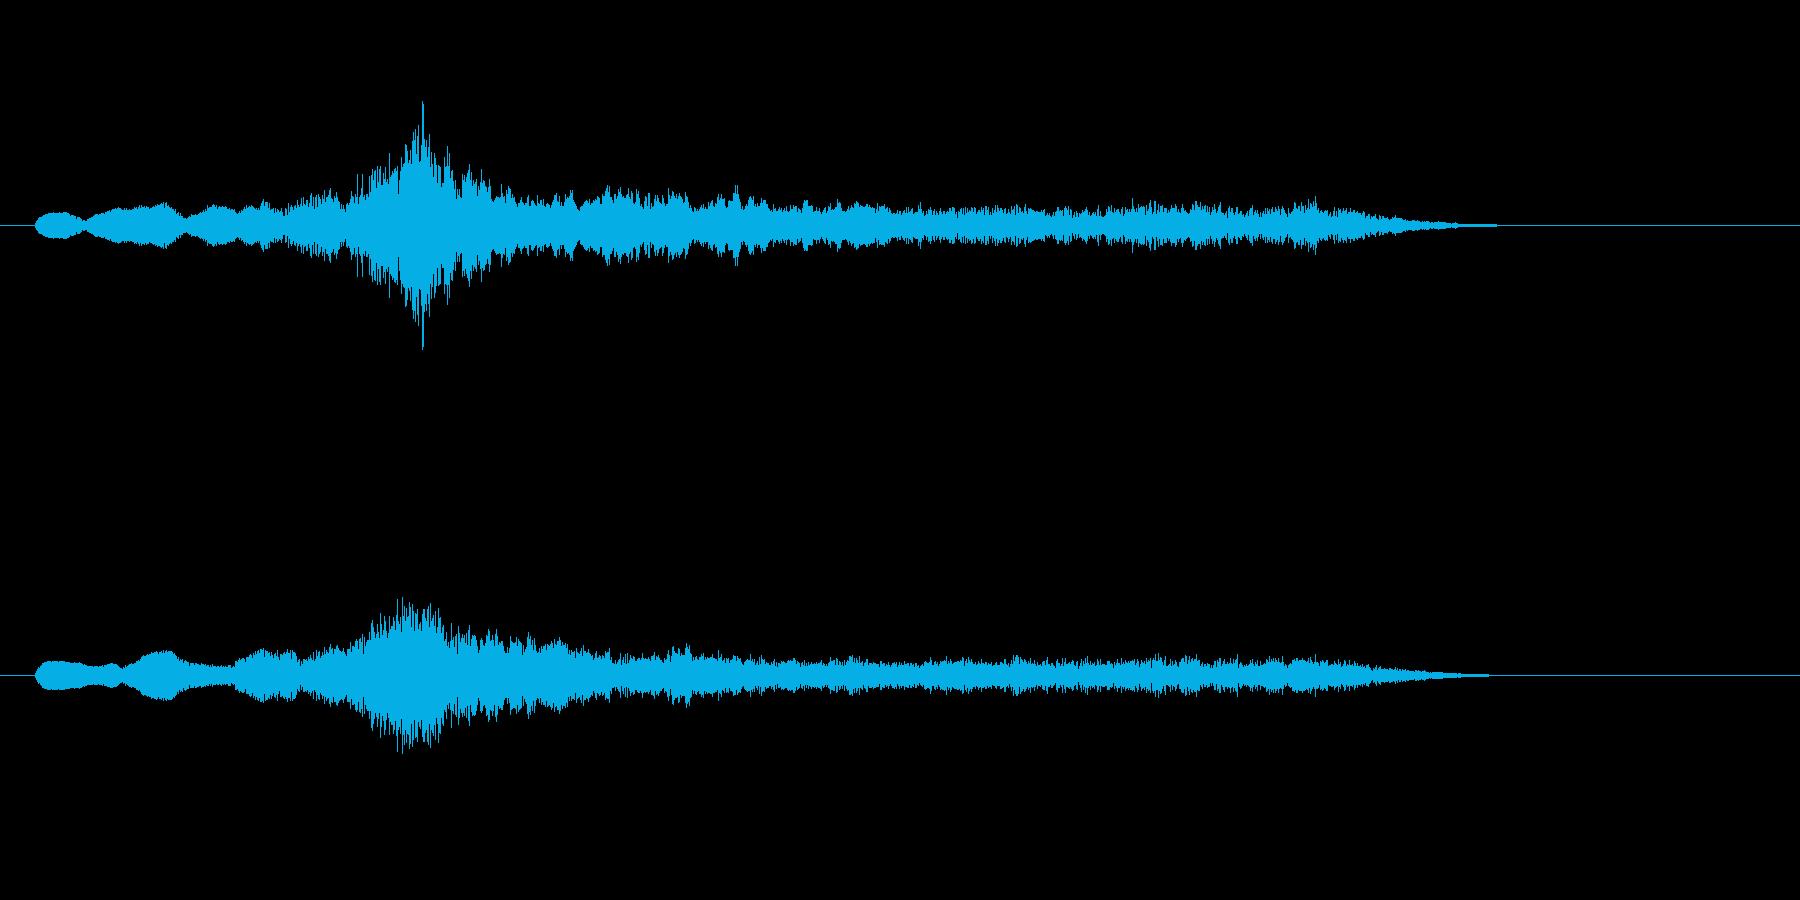 イントロダクション:ハリウッド風の再生済みの波形